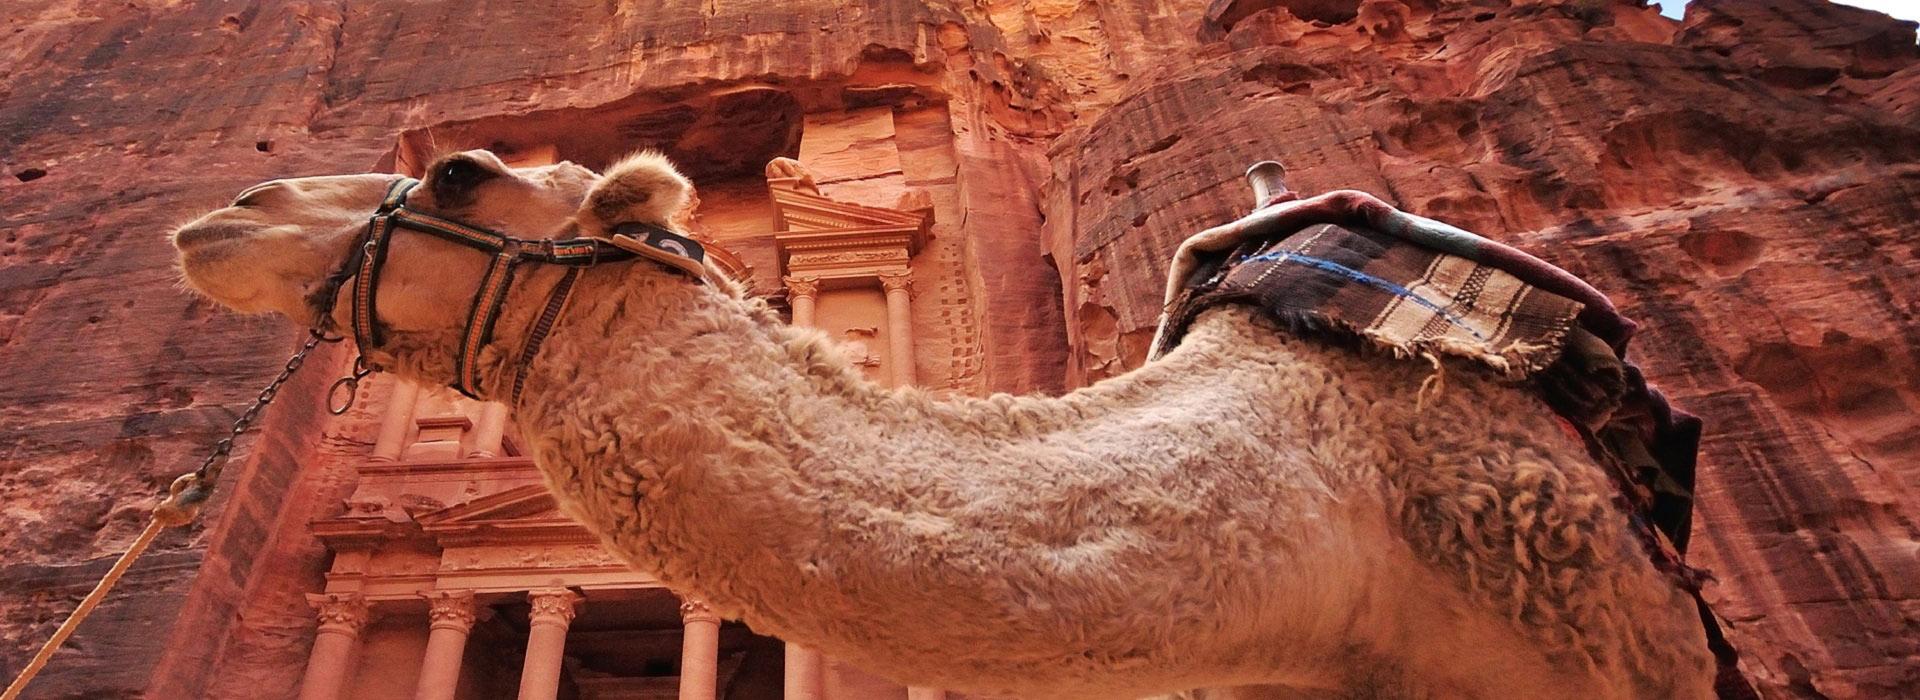 petra_camel